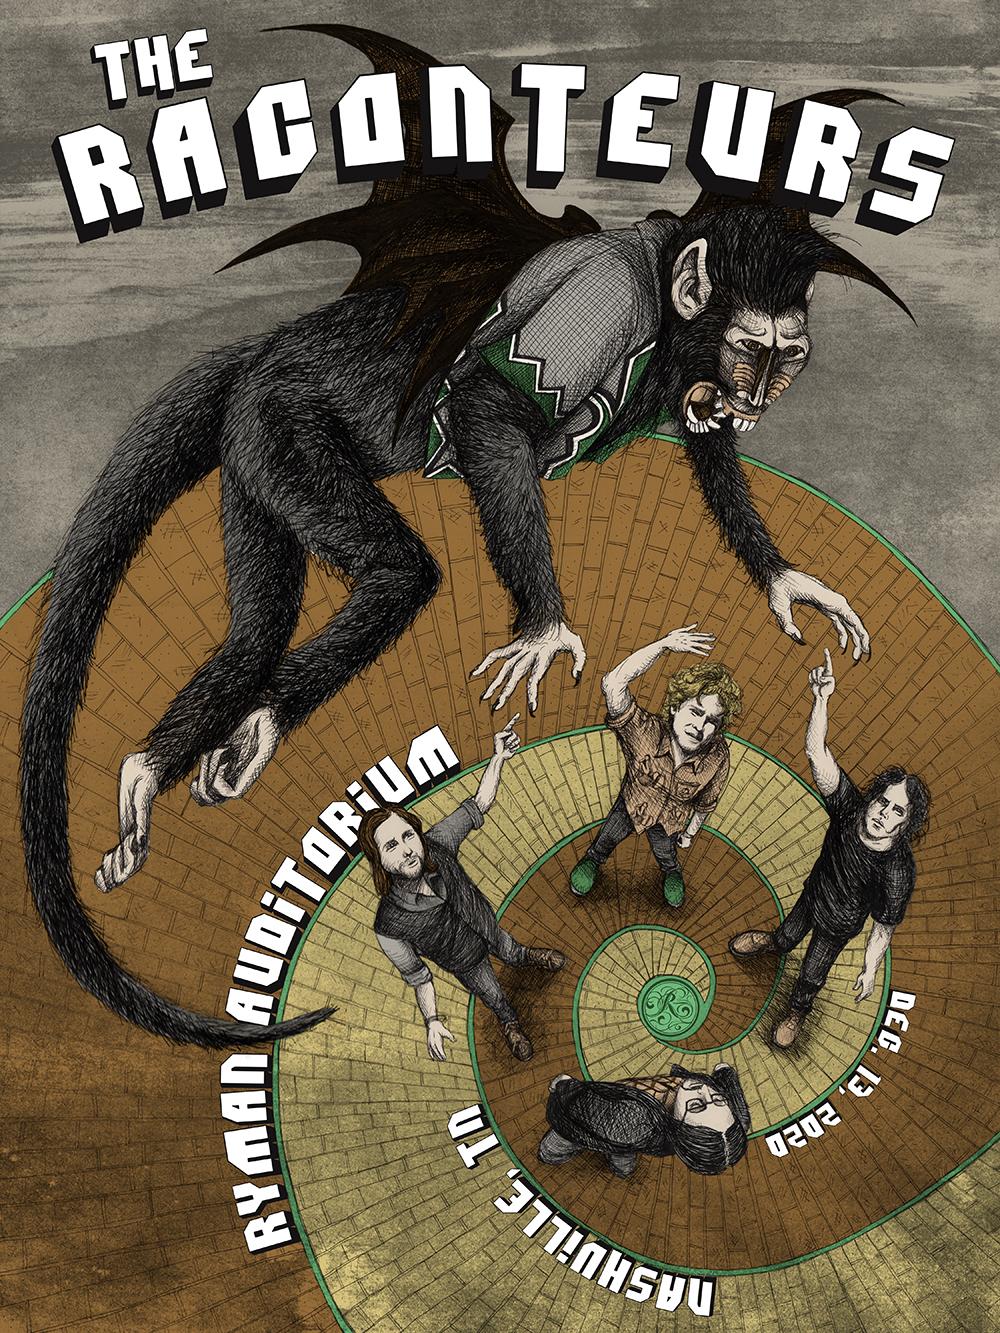 Raconteurs Tours Poster